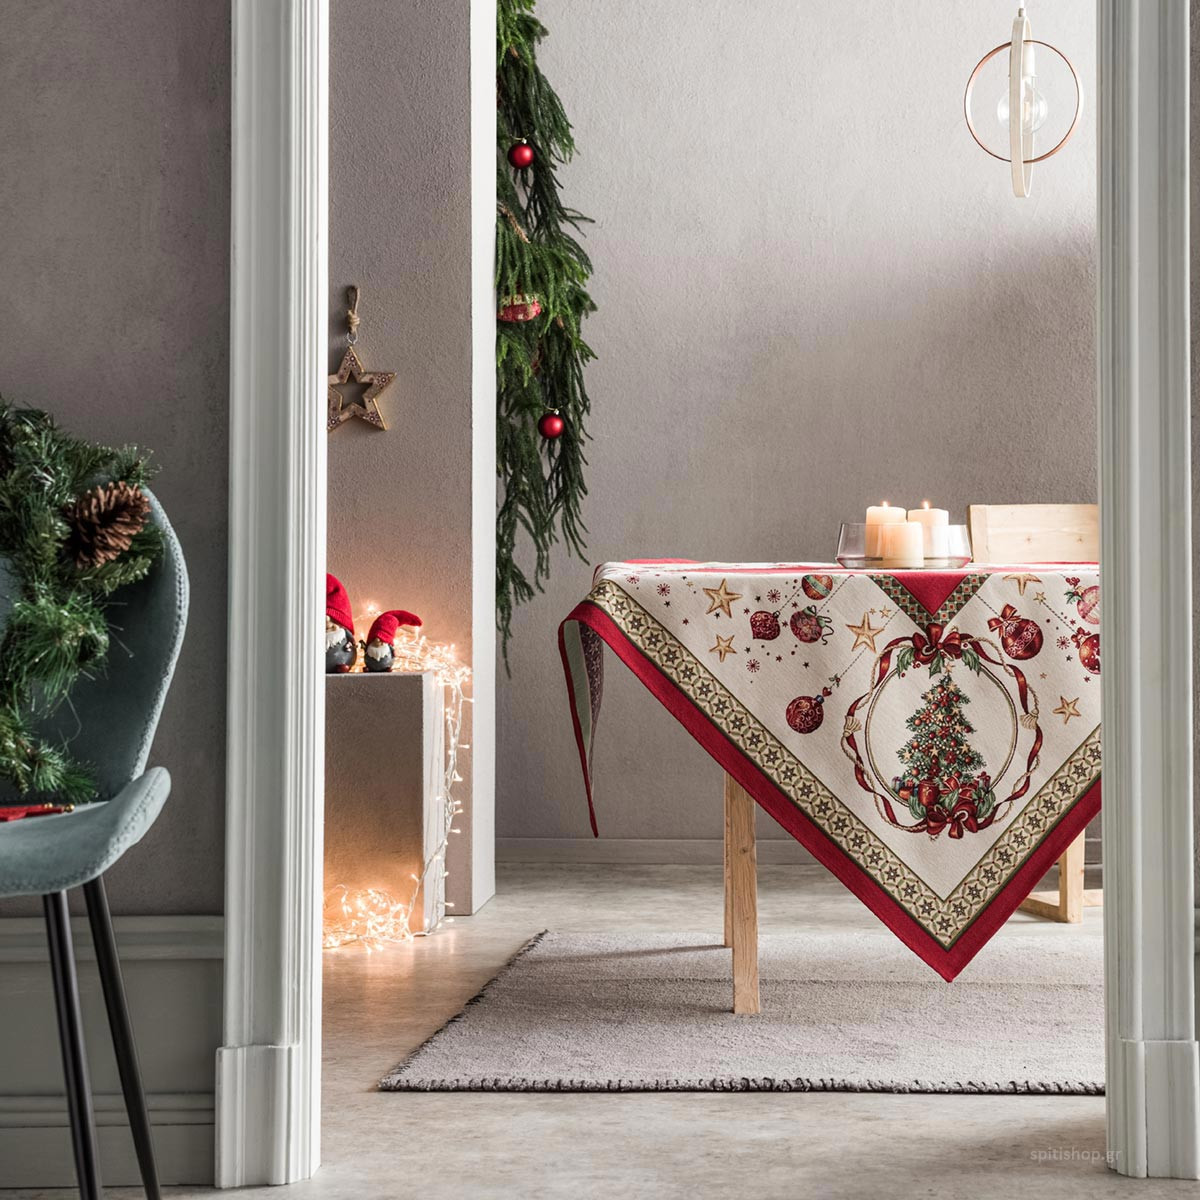 Χριστουγεννιάτικο Τραπεζομάντηλο (135×135) Gofis Home 693